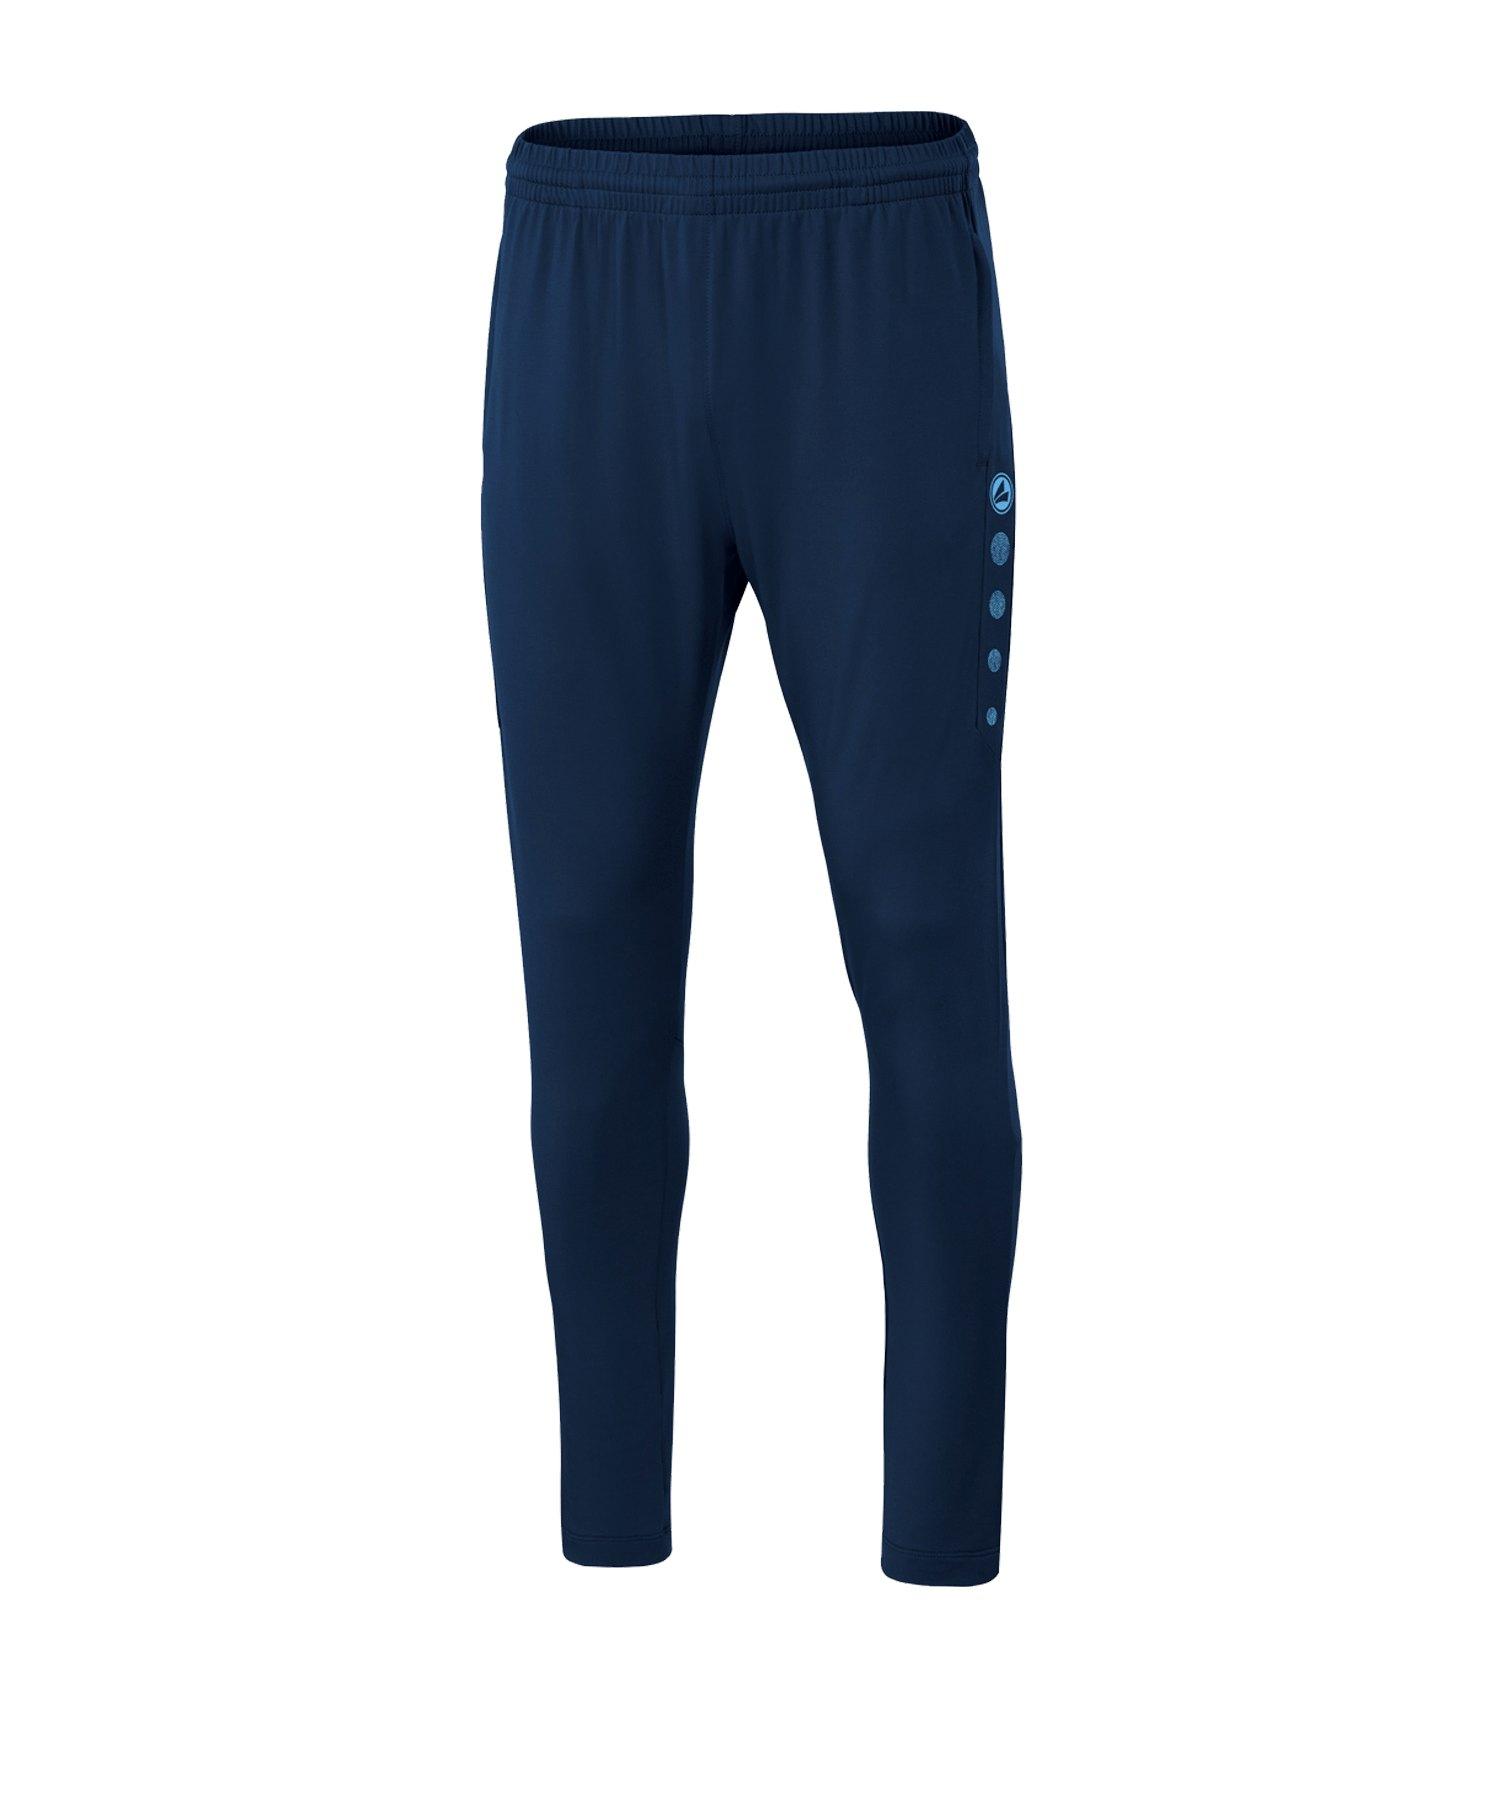 JAKO Premium Trainingshose Blau F95 - blau